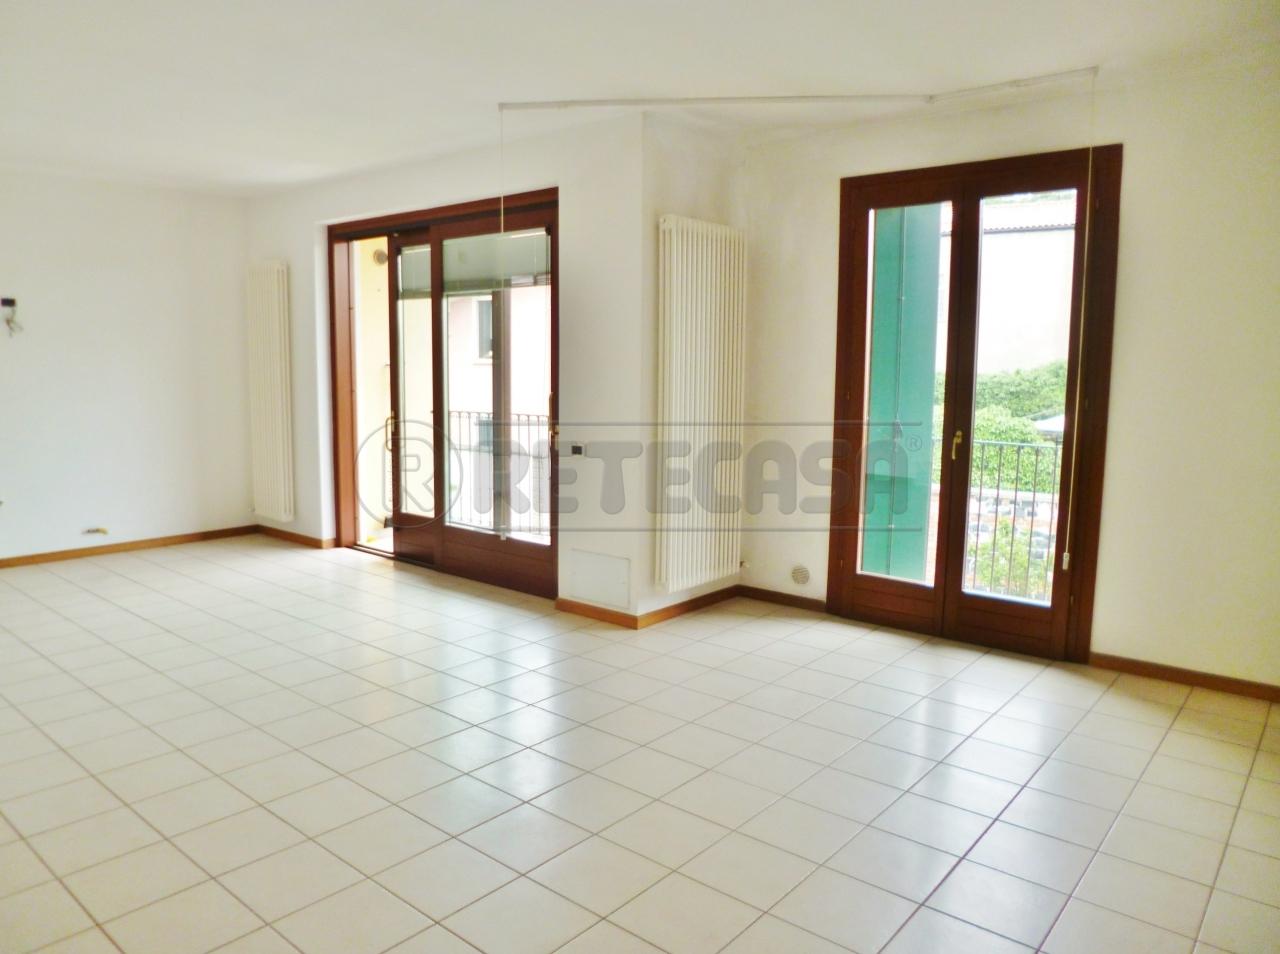 Appartamento in vendita a Montebello Vicentino, 9999 locali, prezzo € 135.000 | Cambio Casa.it